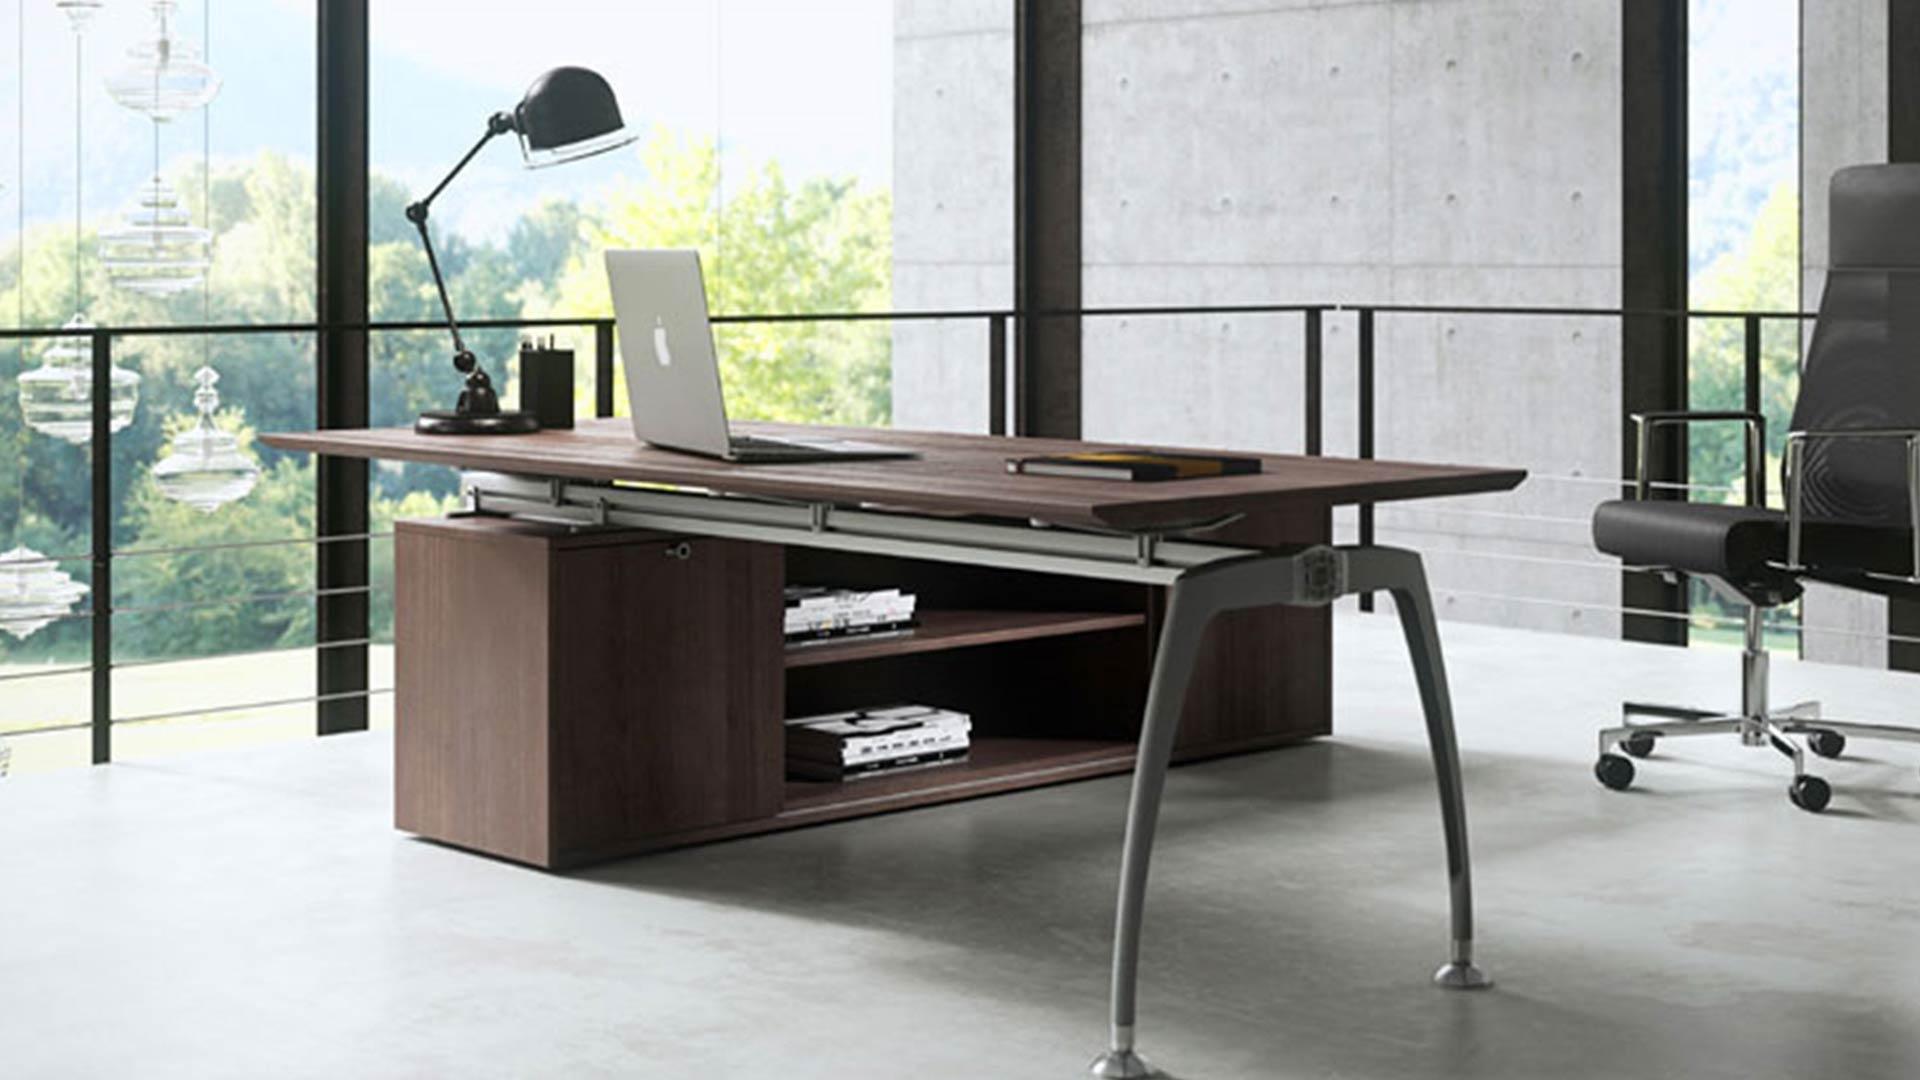 Mobili per ufficio a roma agfsrl for Mobili per ufficio a roma